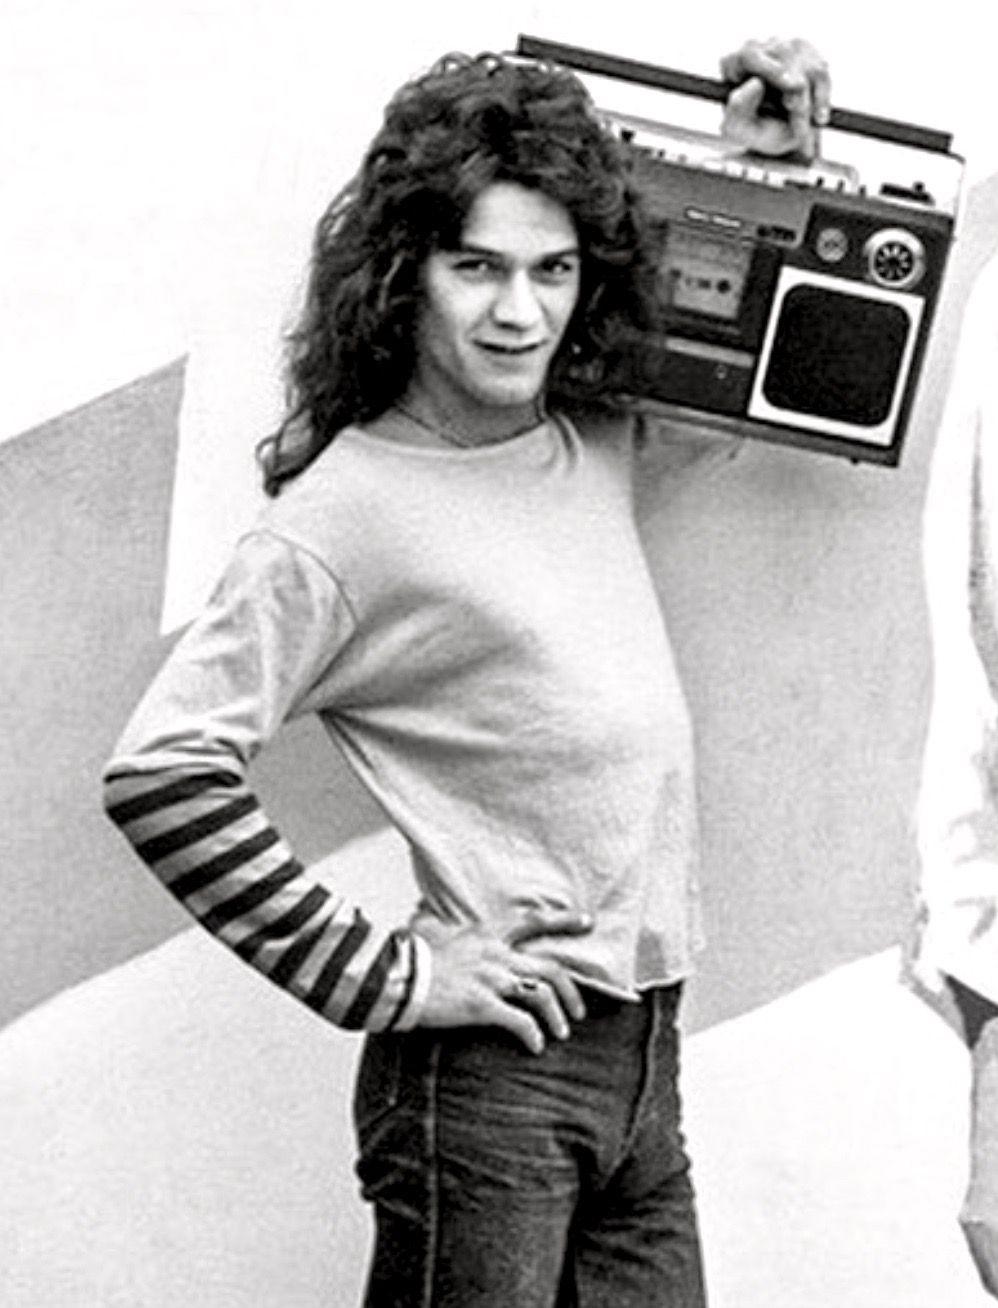 The 70 S Van Halen Eddie Van Halen Music Photo